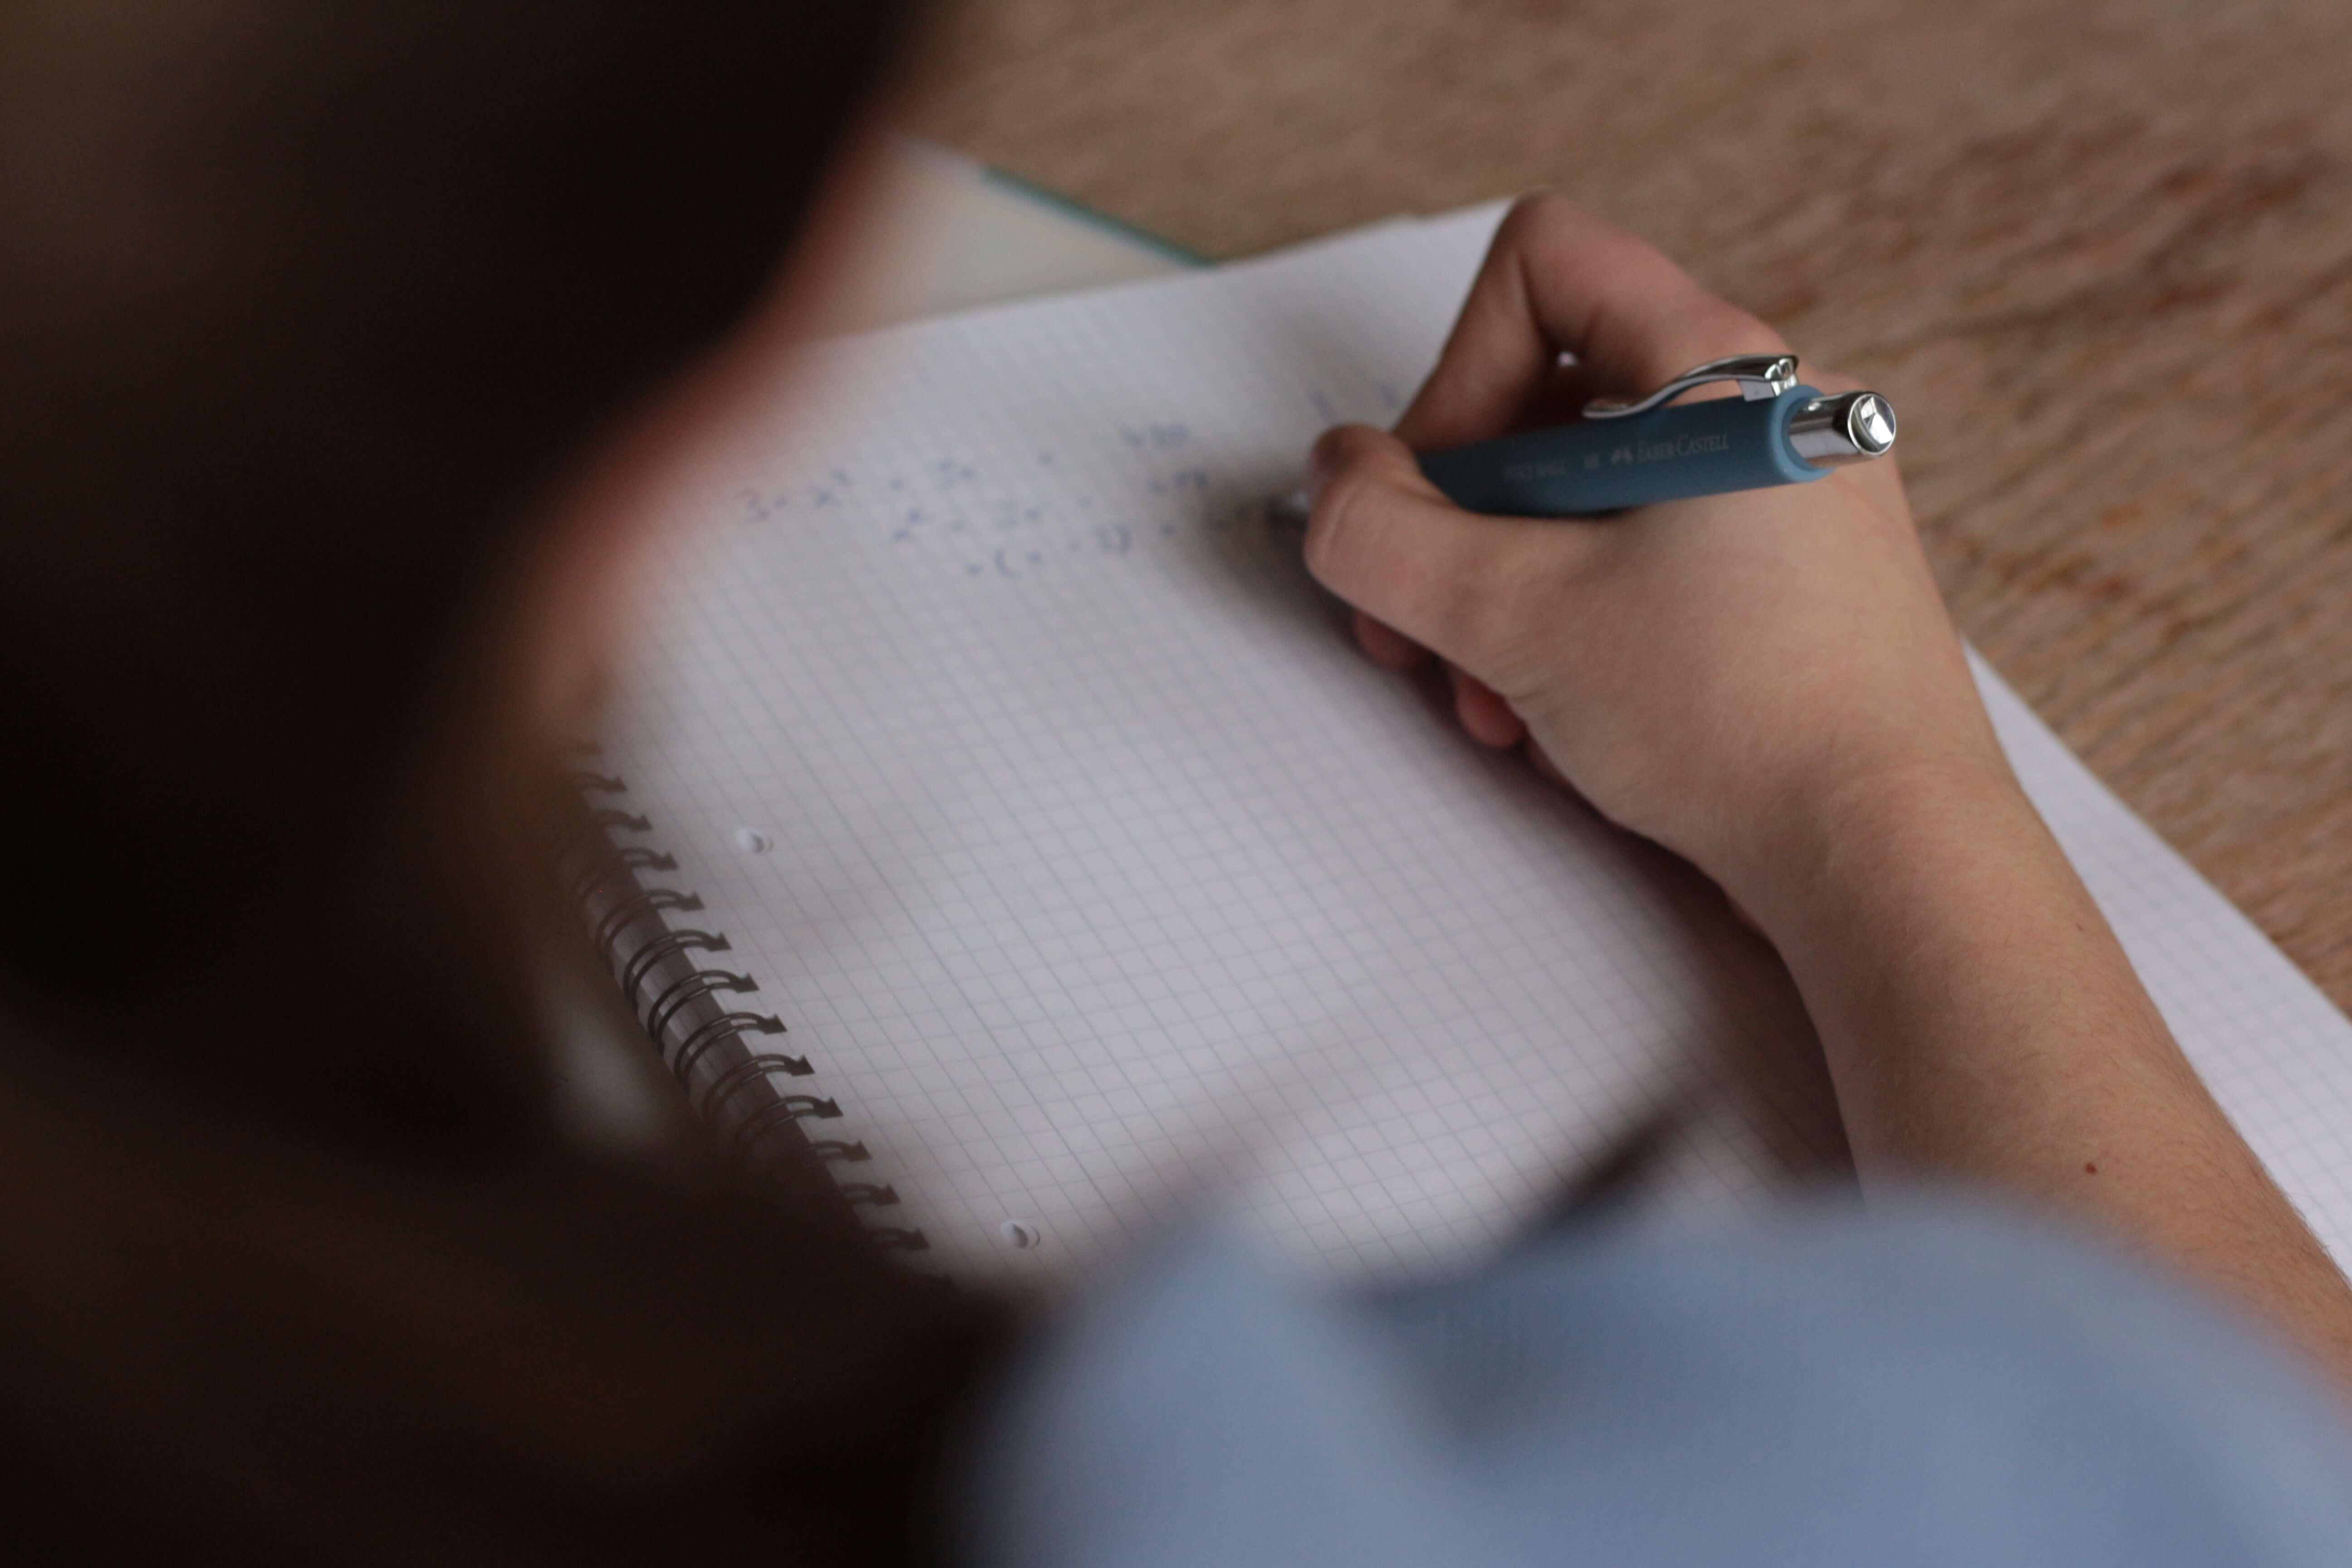 ученик на изпит пише в тетрадка